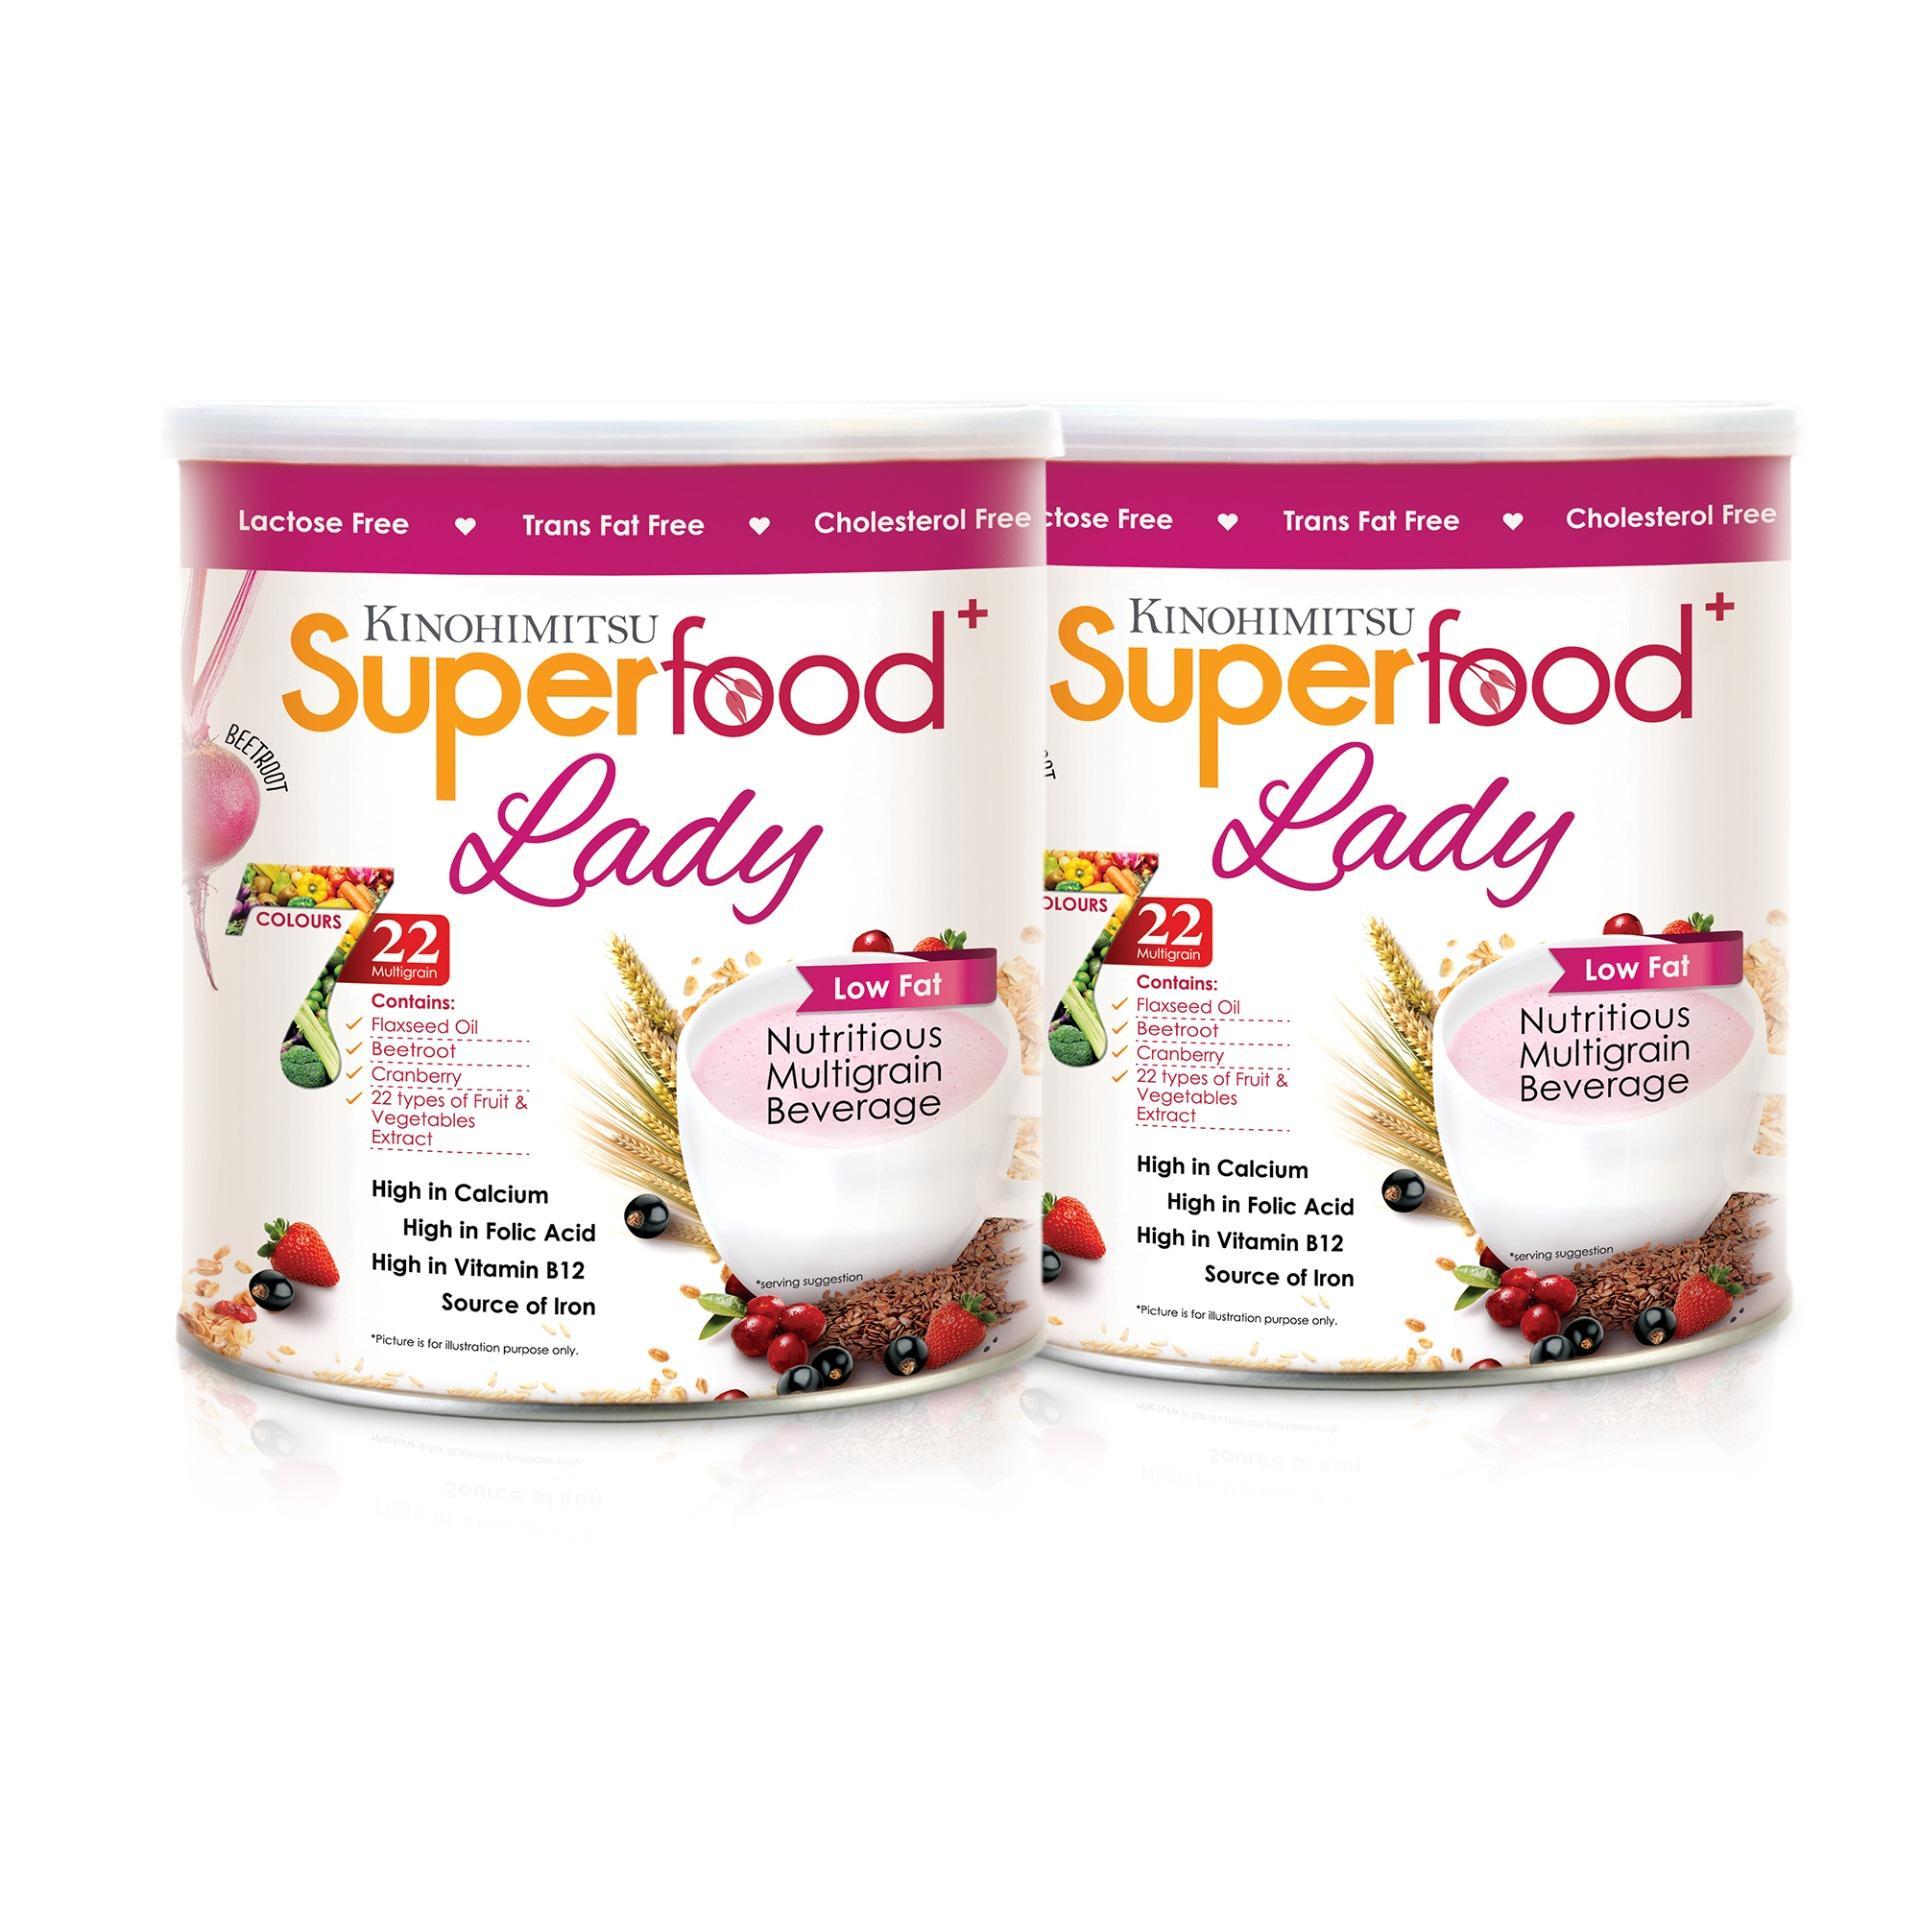 Kinohimitsu Superfood Lady 500G Twin Pack Cheap